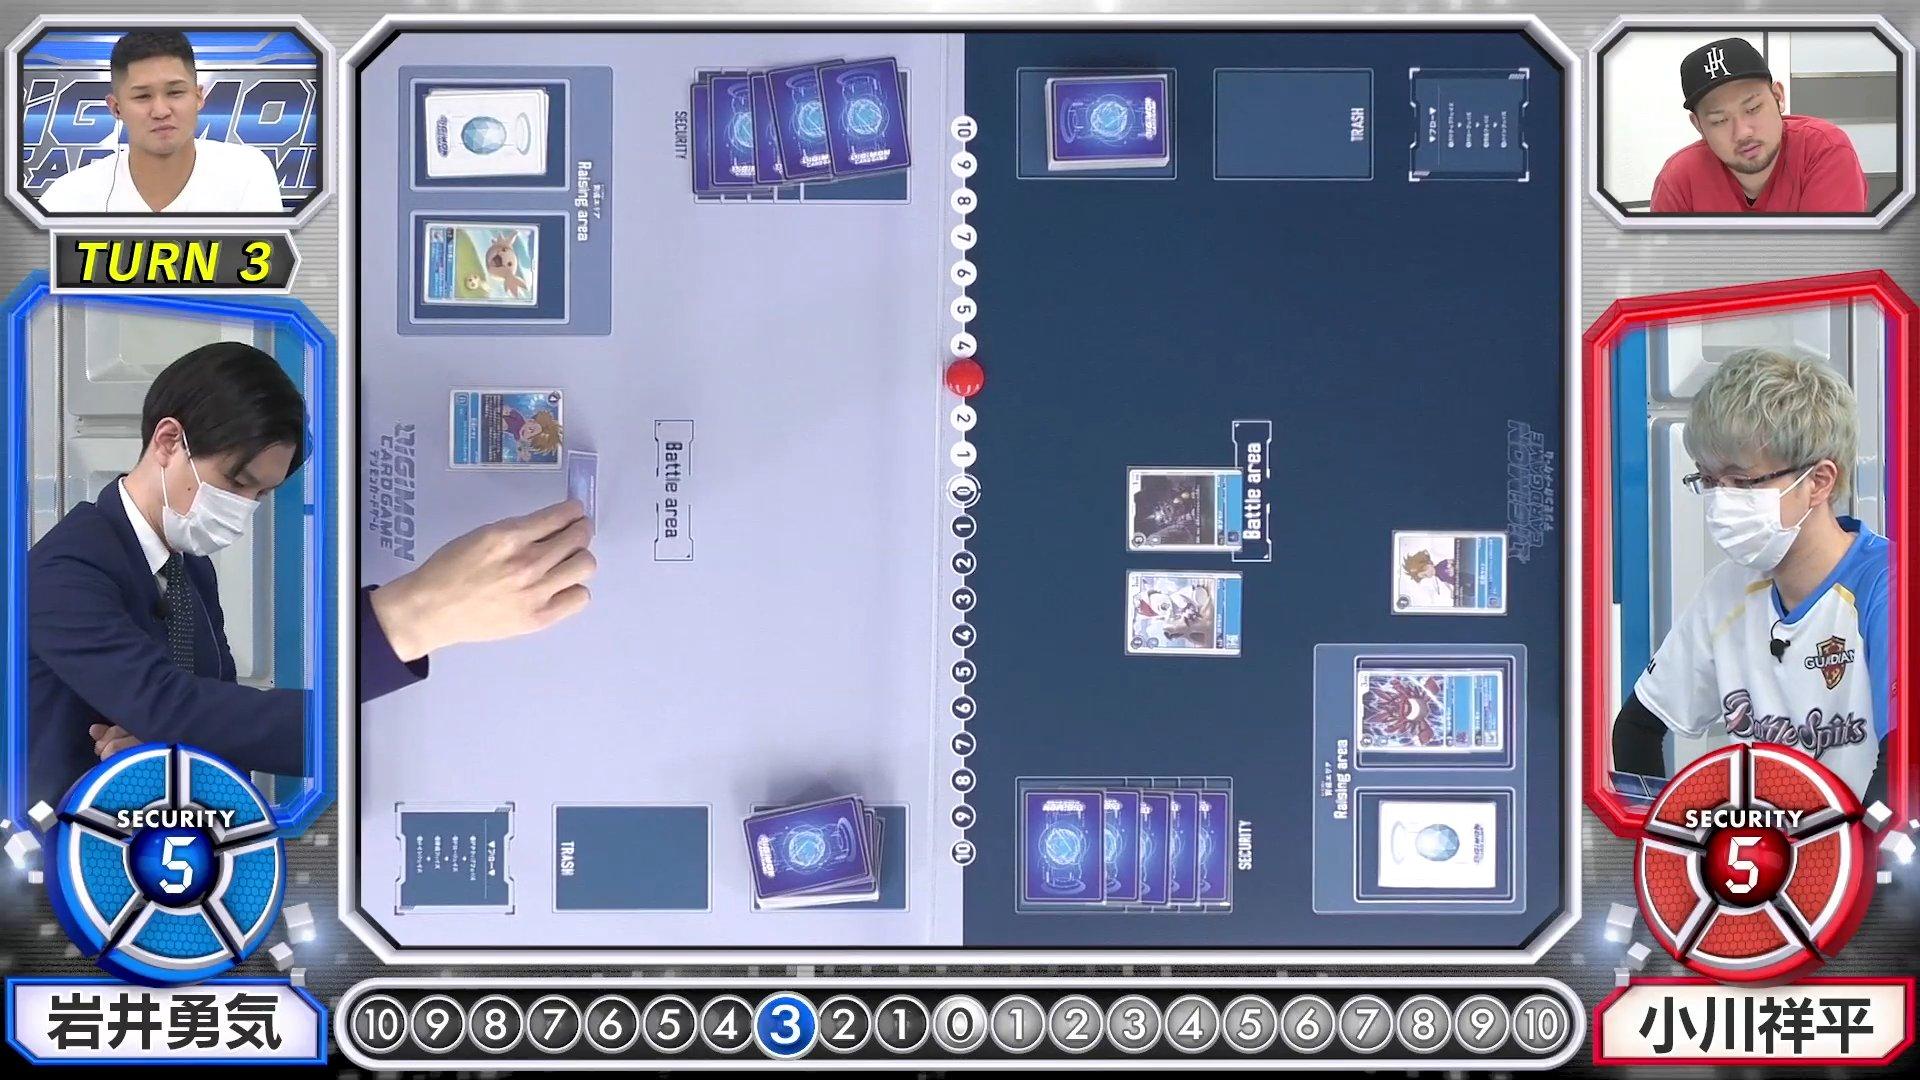 cardgamebattle8_4_july3_2020.jpg